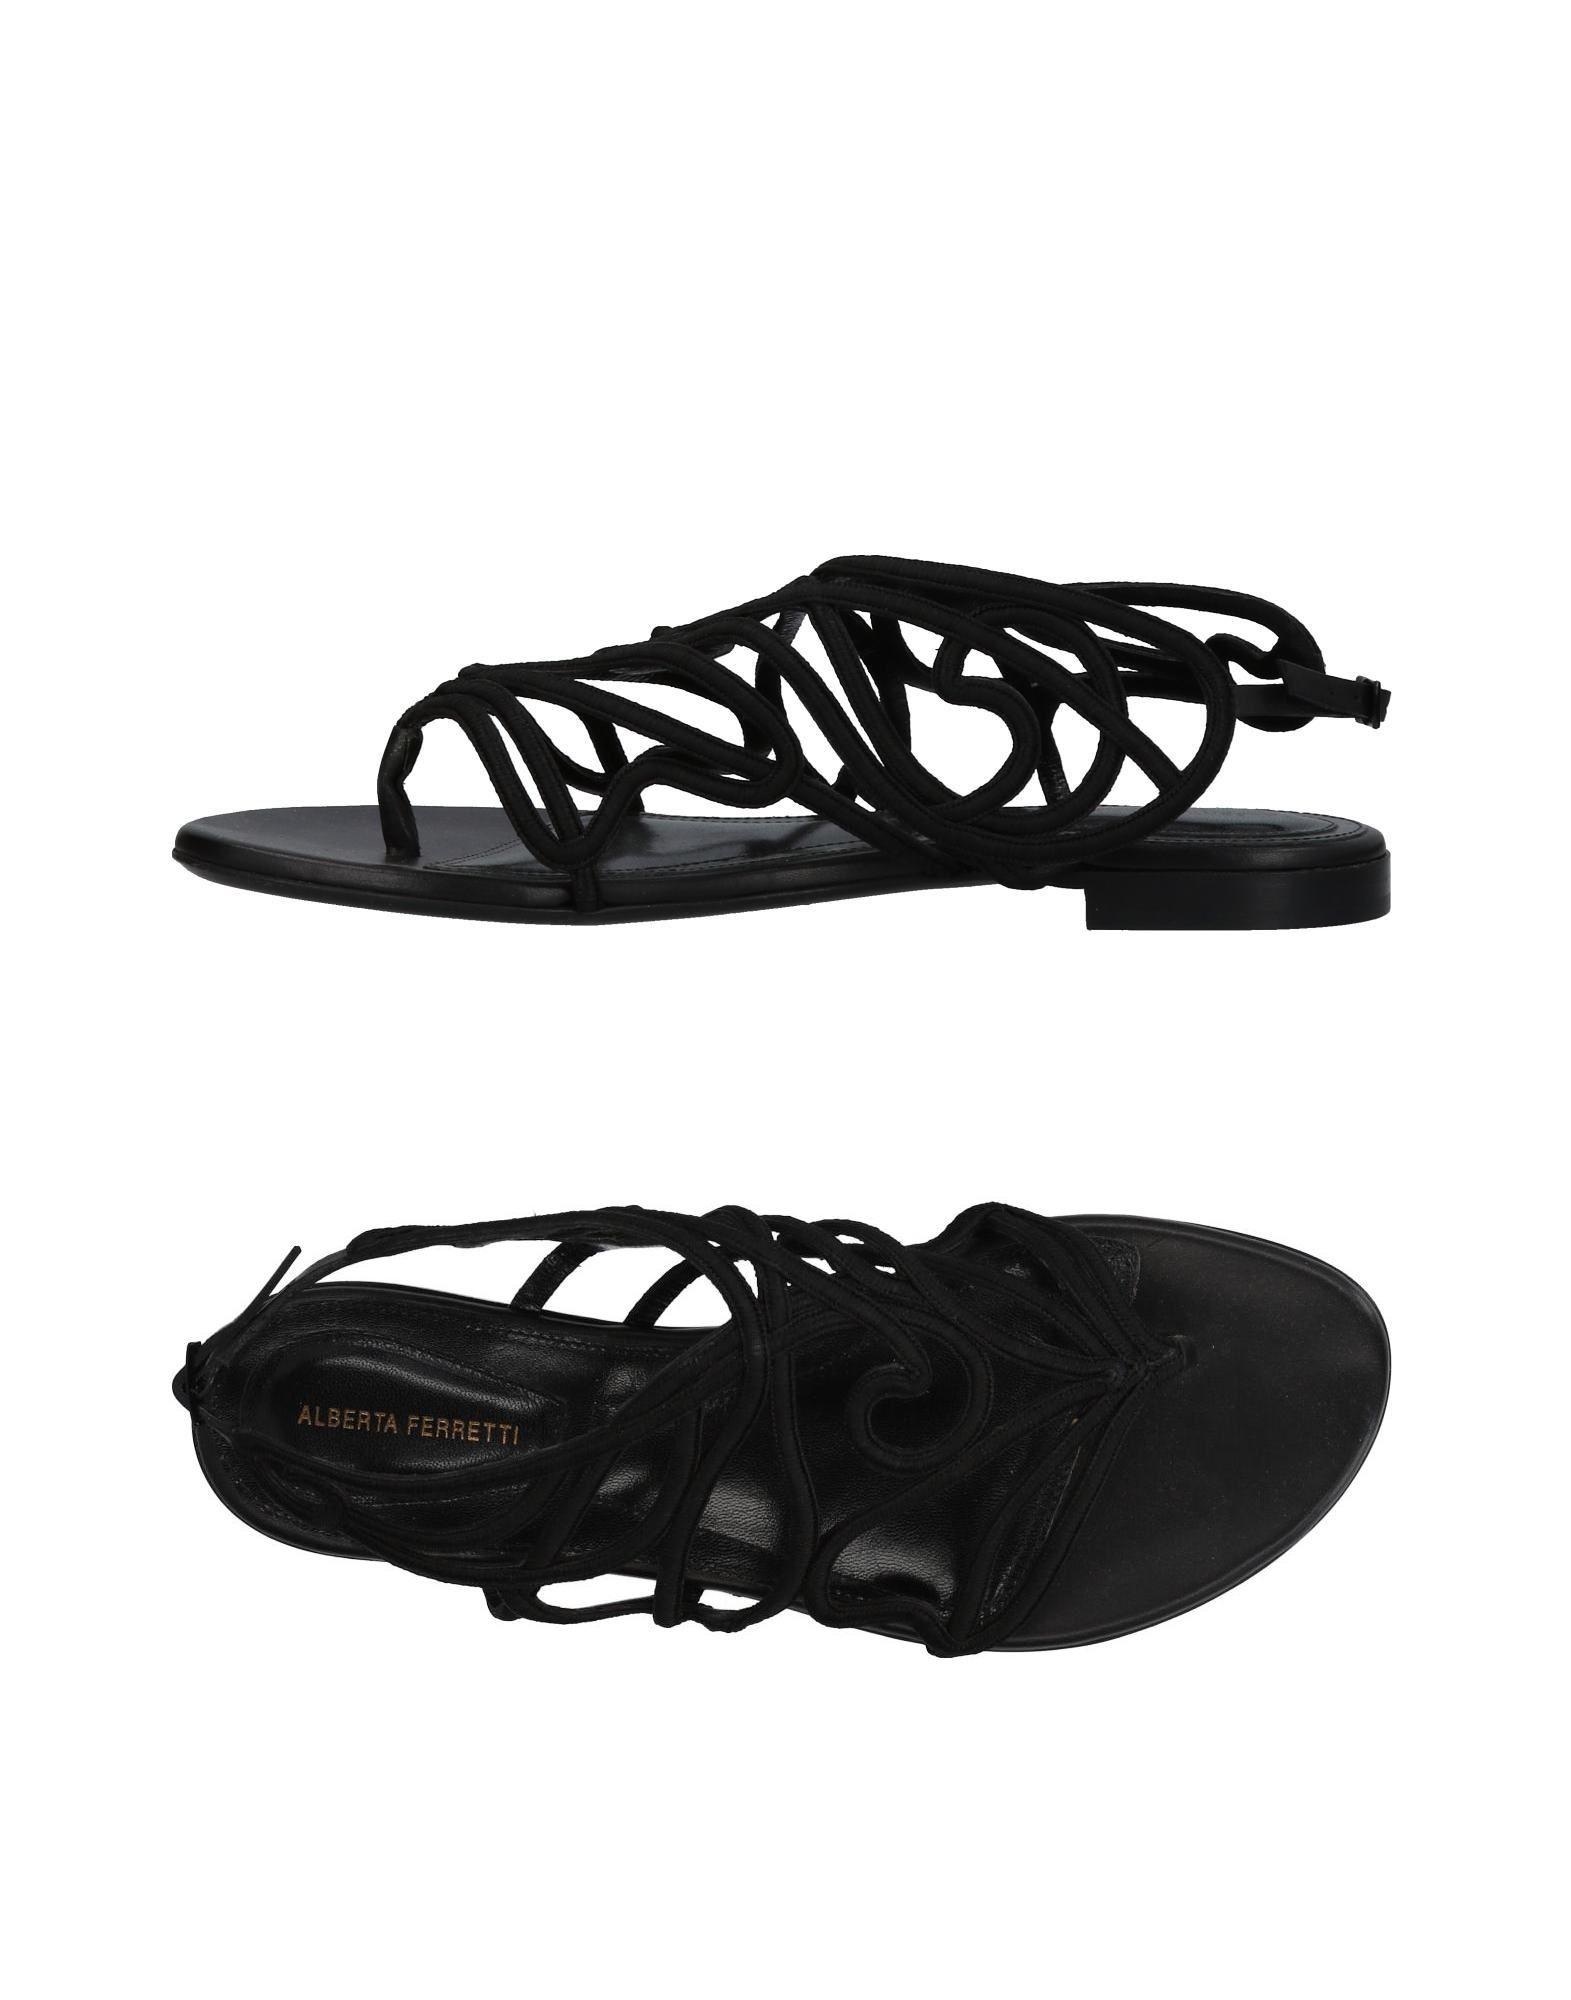 Rabatt Schuhe Alberta Ferretti Sandalen Damen  11390853EP